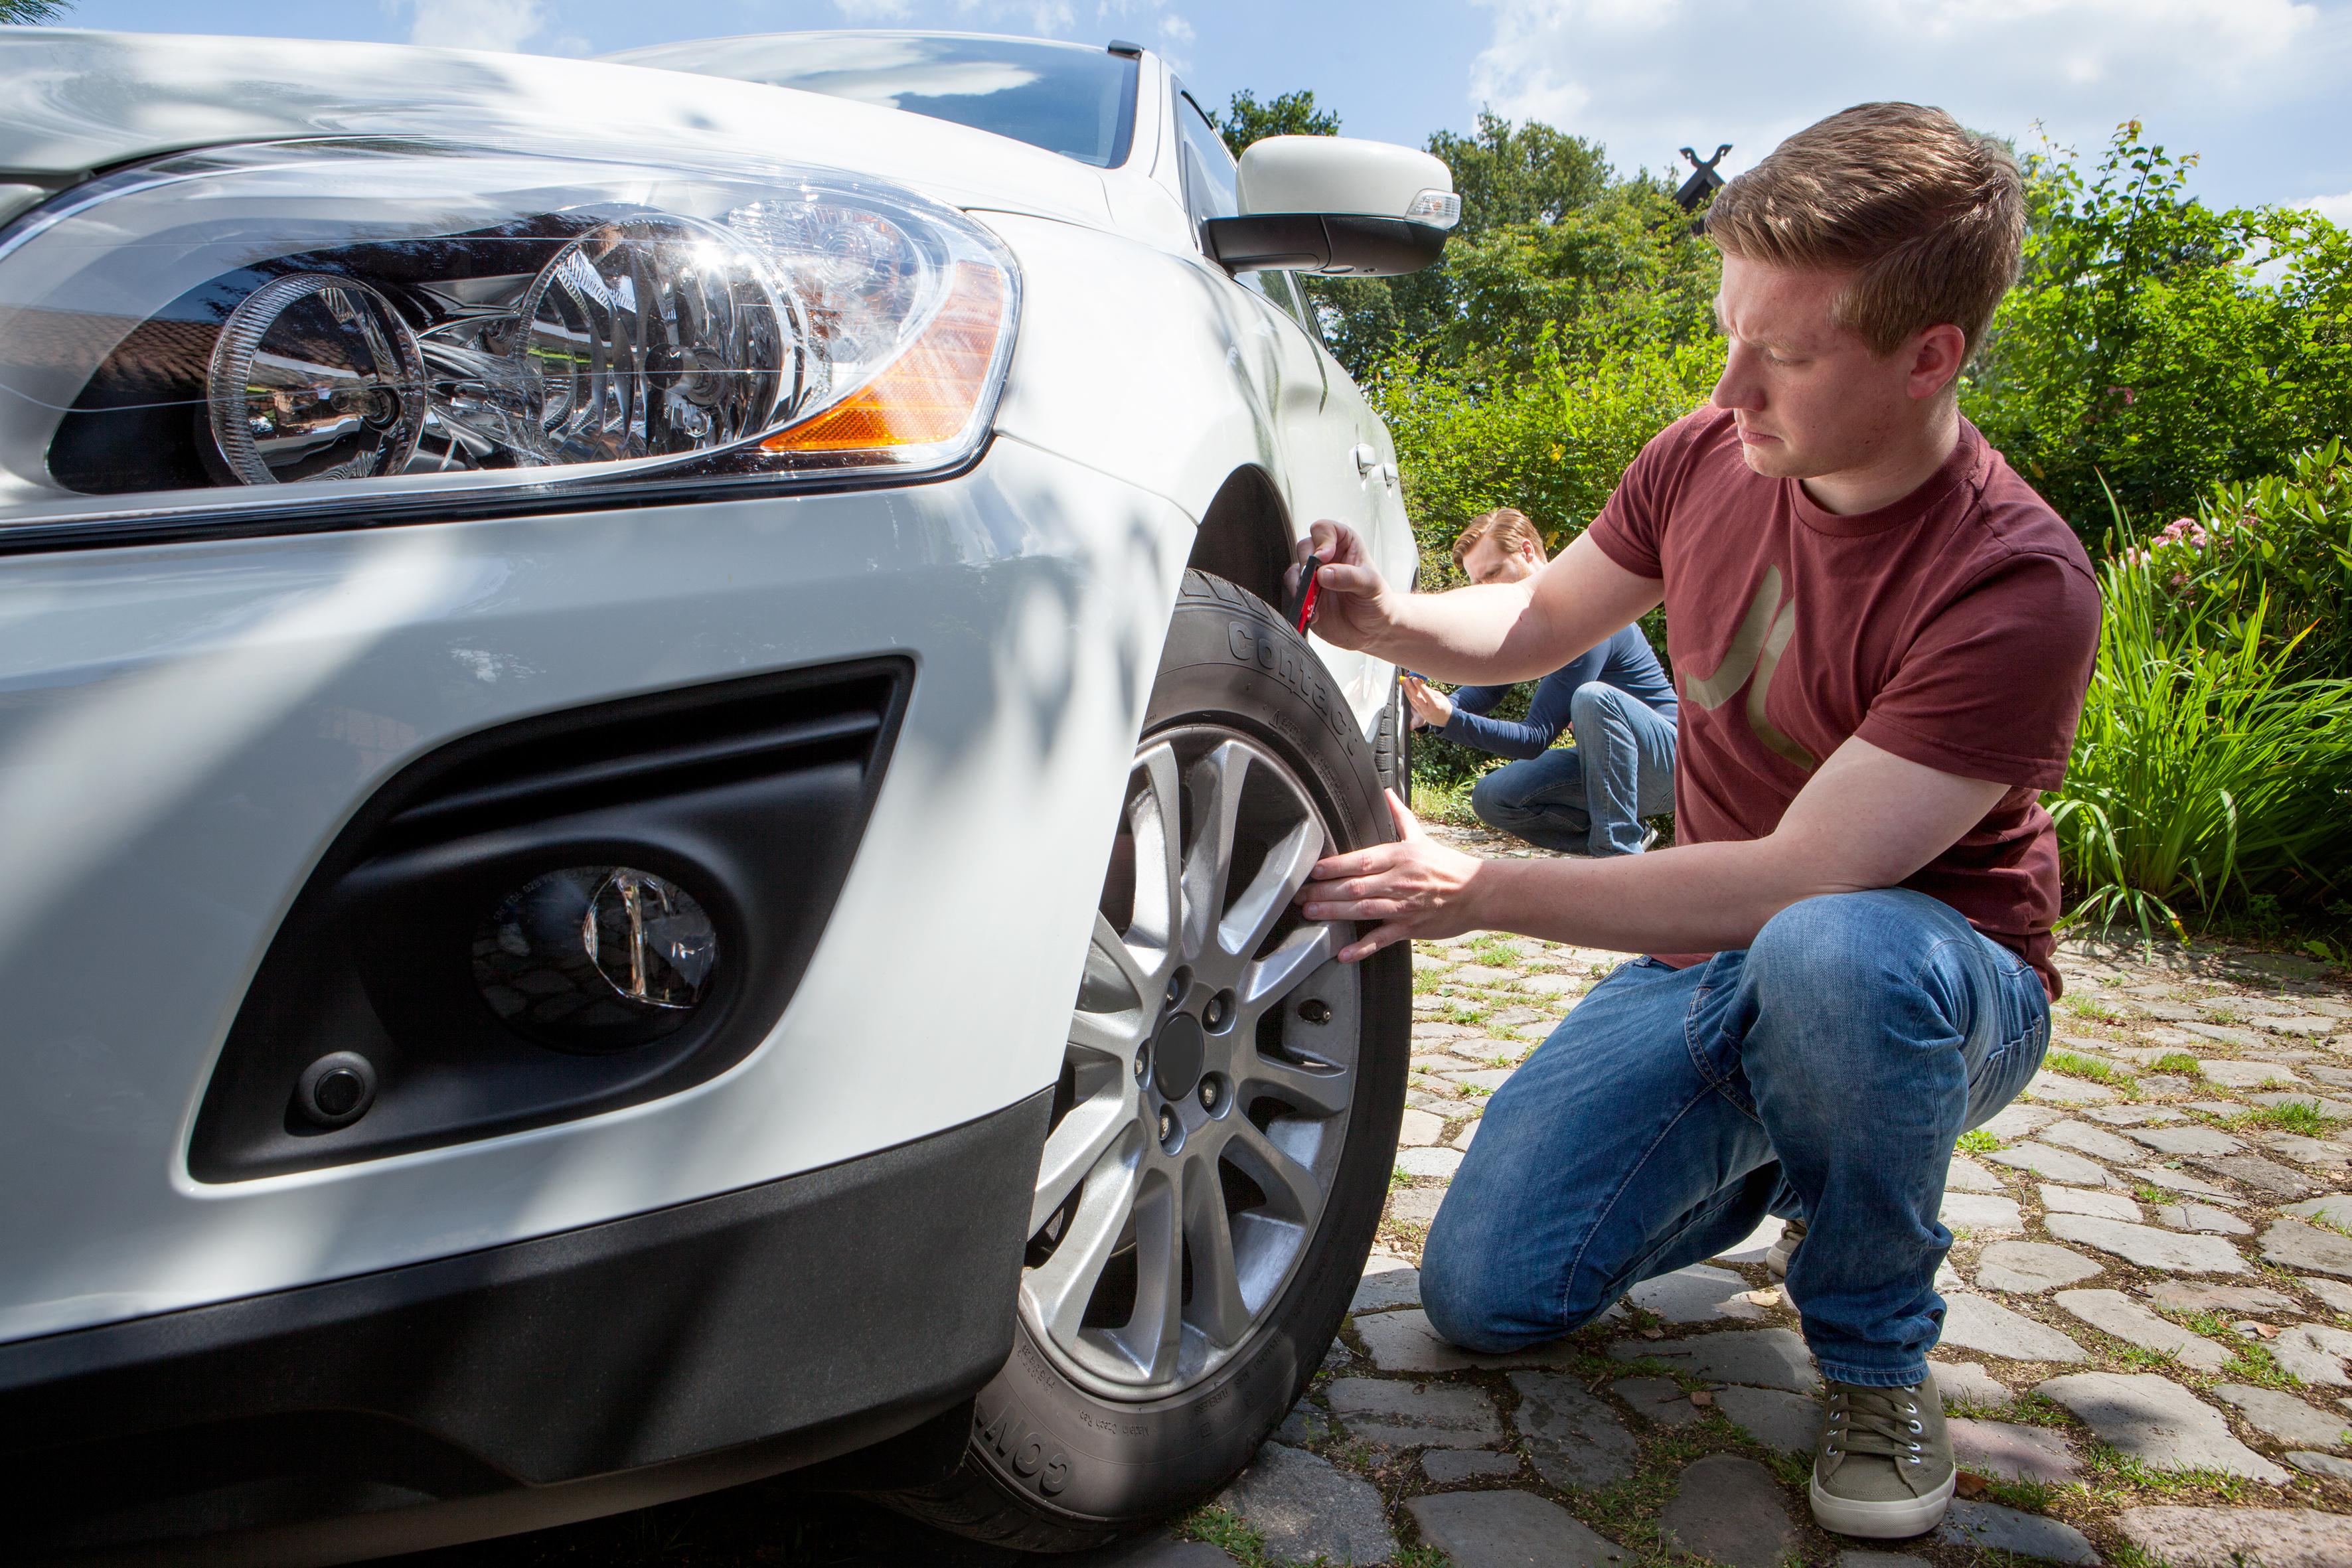 Autobandenmarkt.nl adviseert in het bandenwisselseizoen een uitgebreide controle van uw voertuig en de banden uit te laten voeren. (Foto: Business Wire)